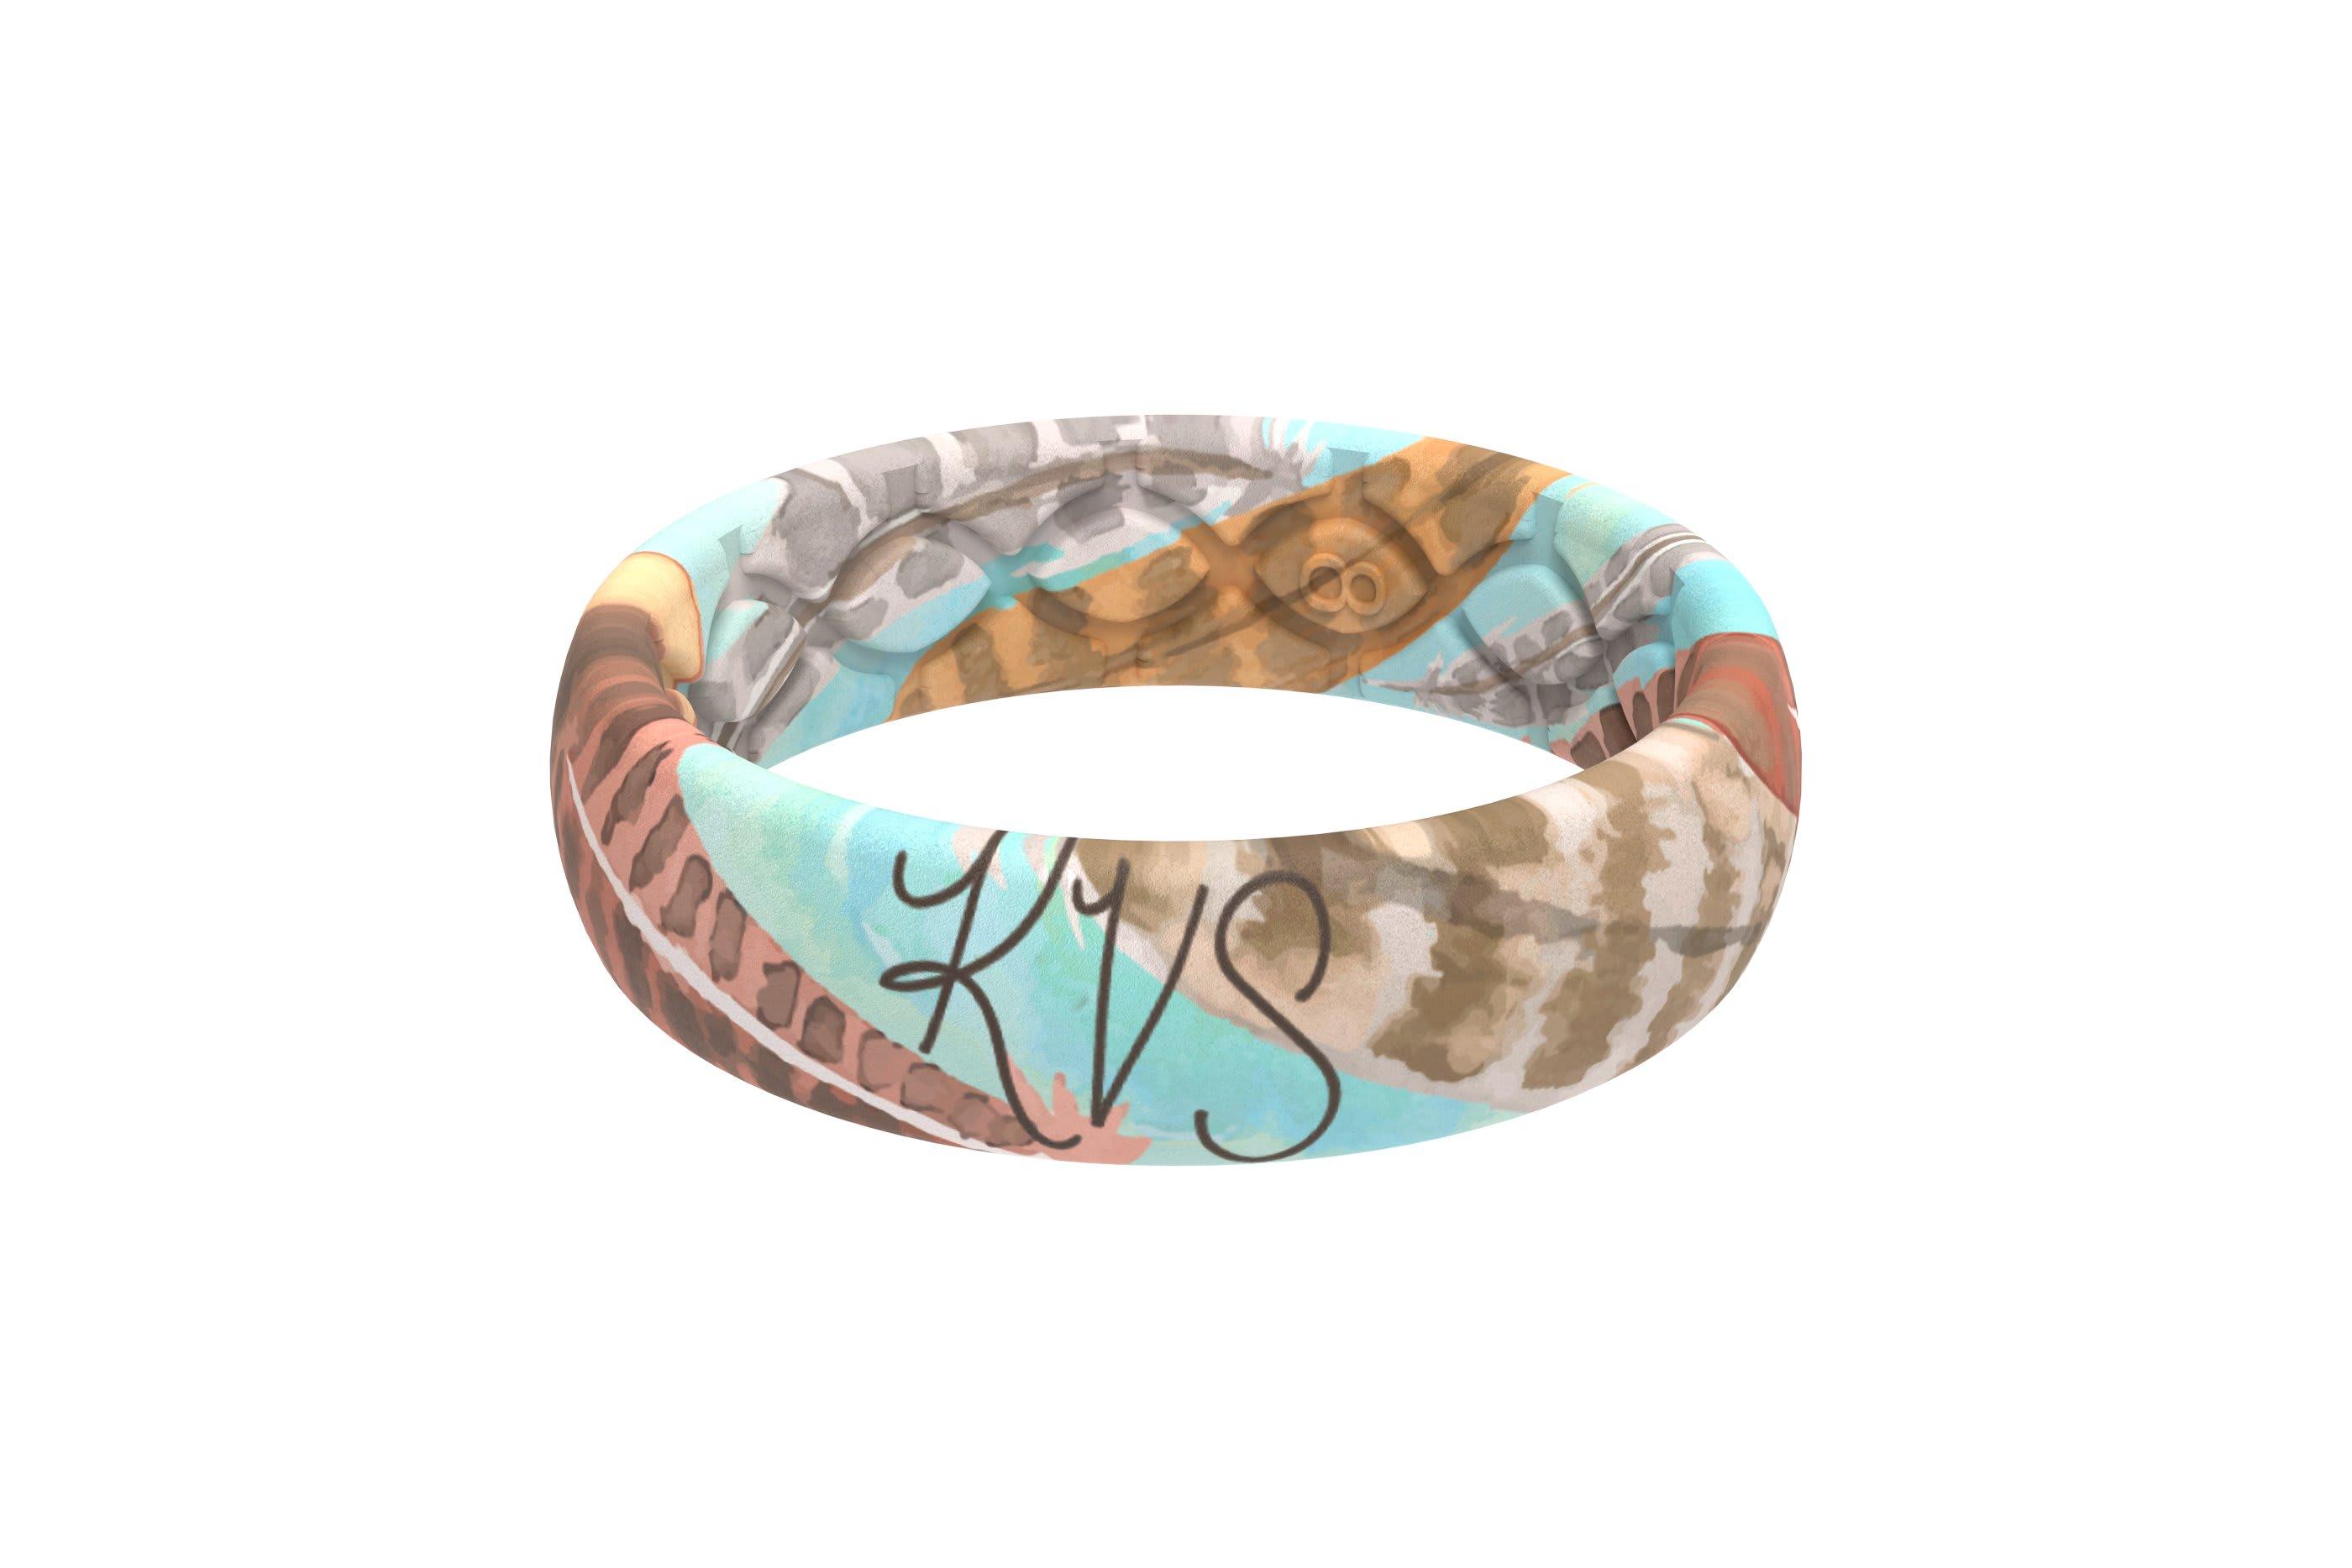 Brave - Katie Van Slyke Signature Ring  viewed from side